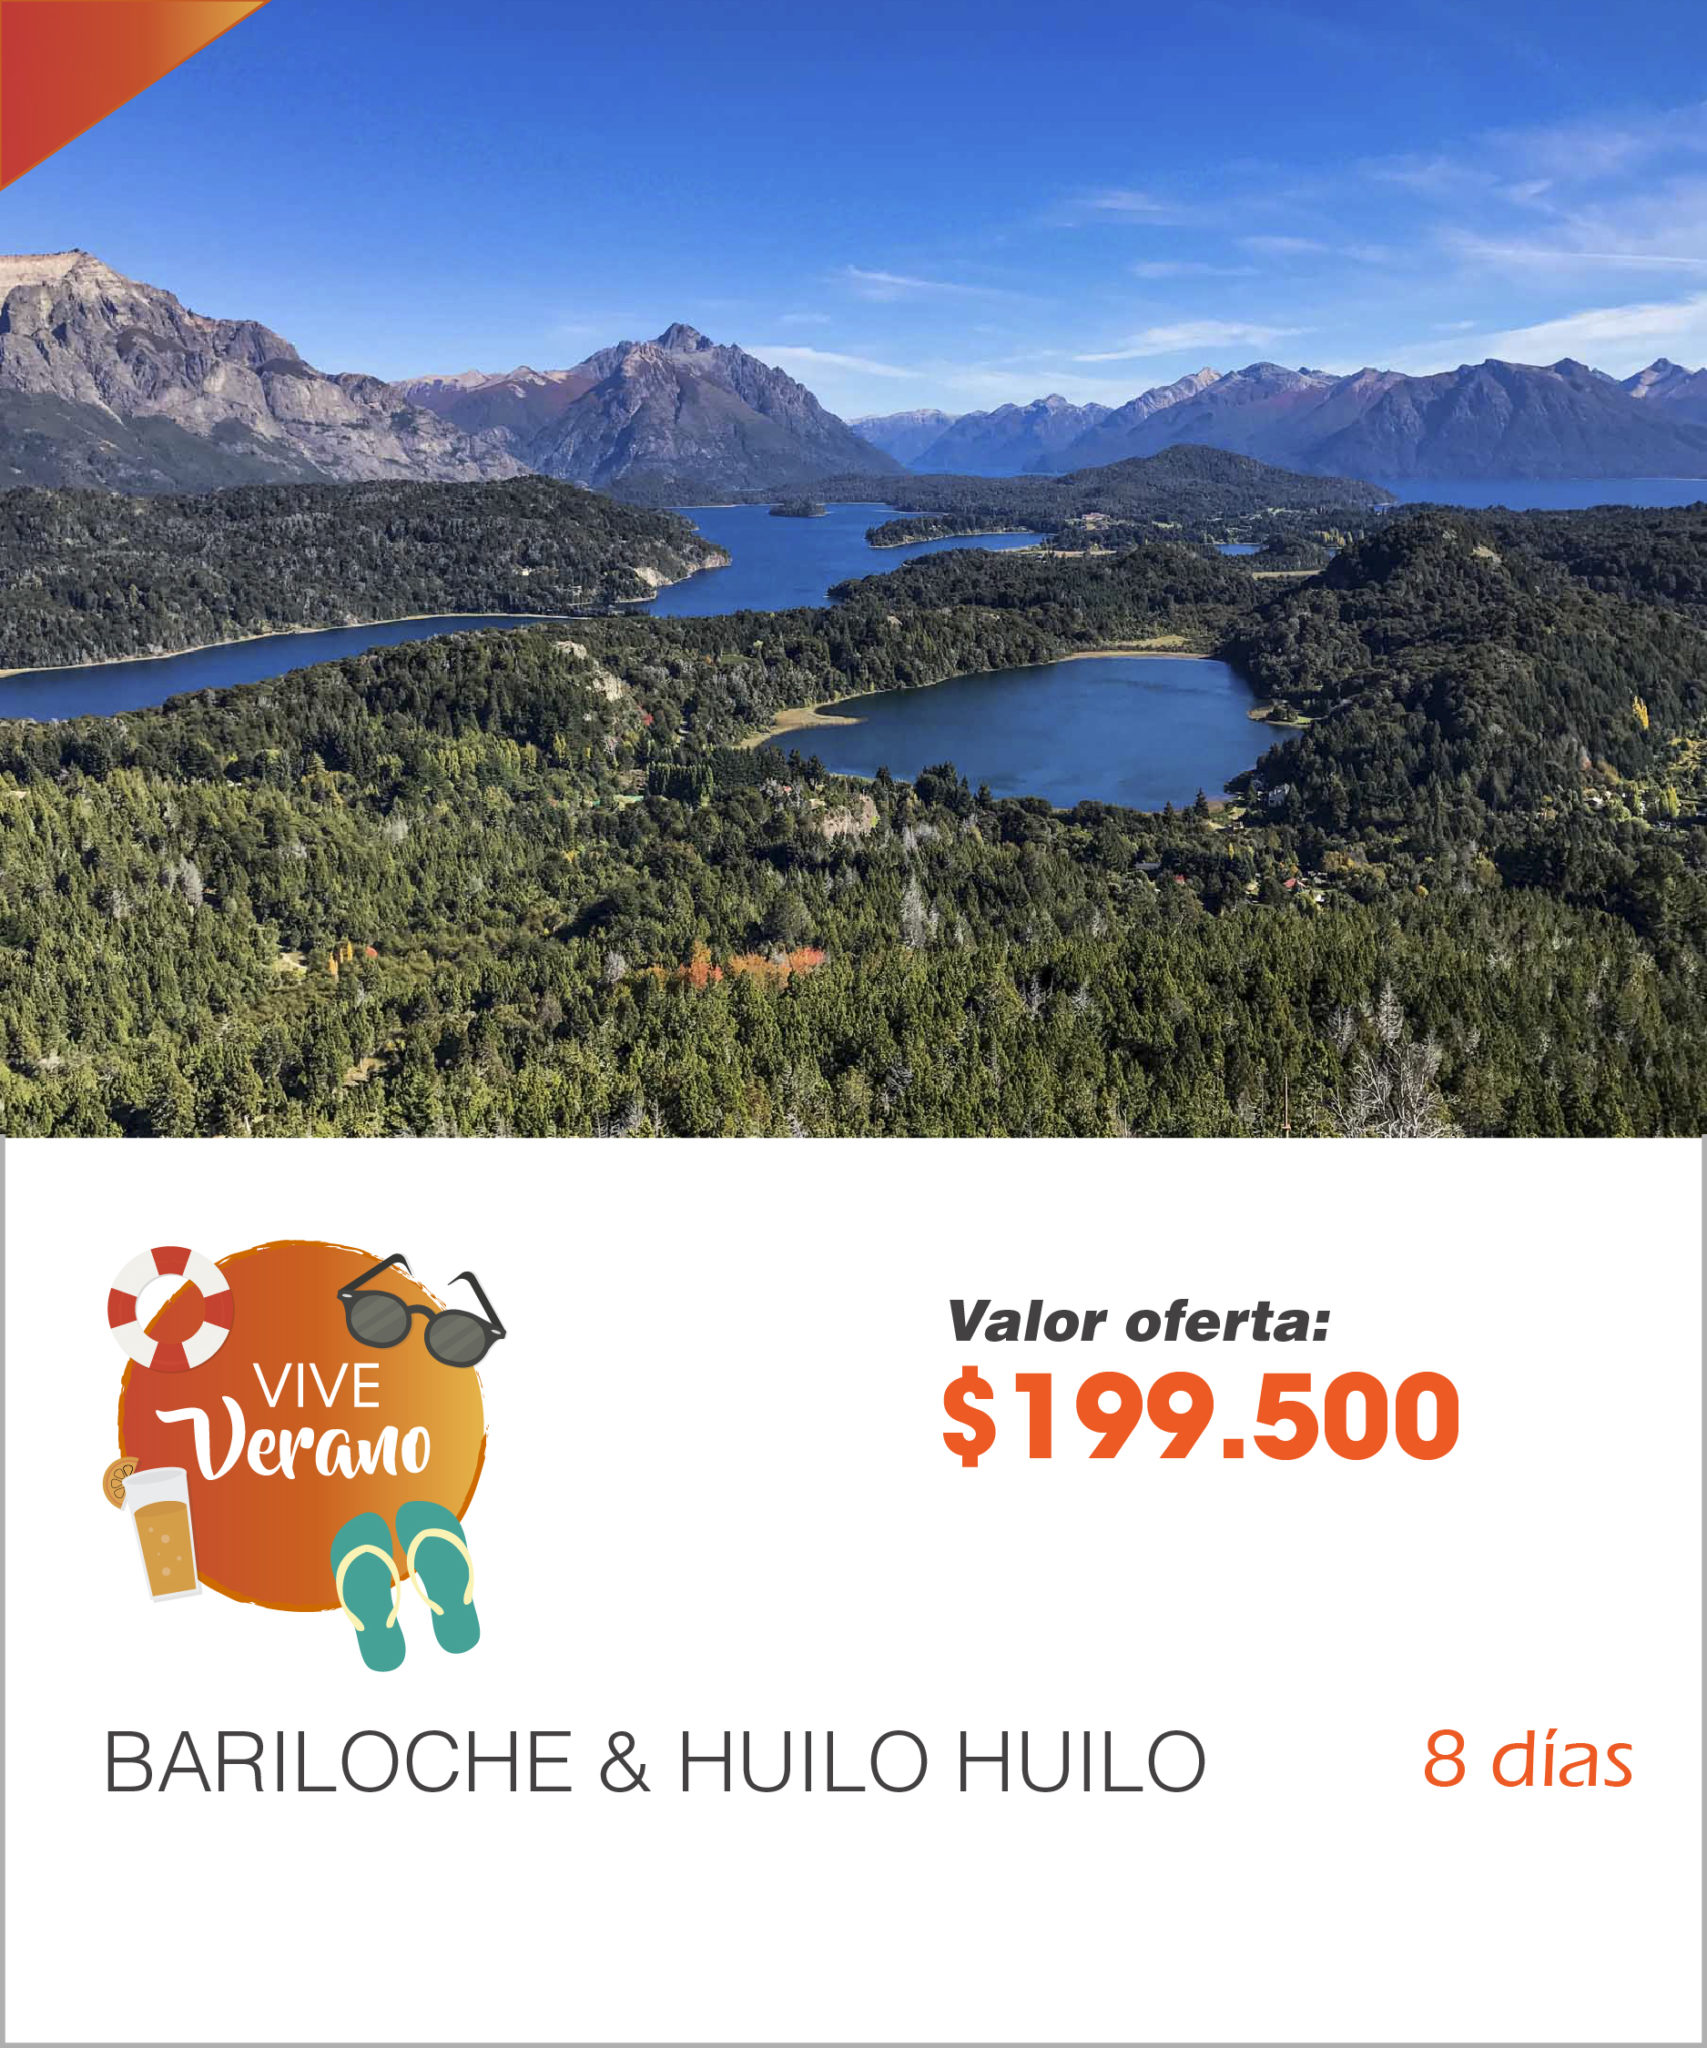 BARILOCHE & HUILO HUILO